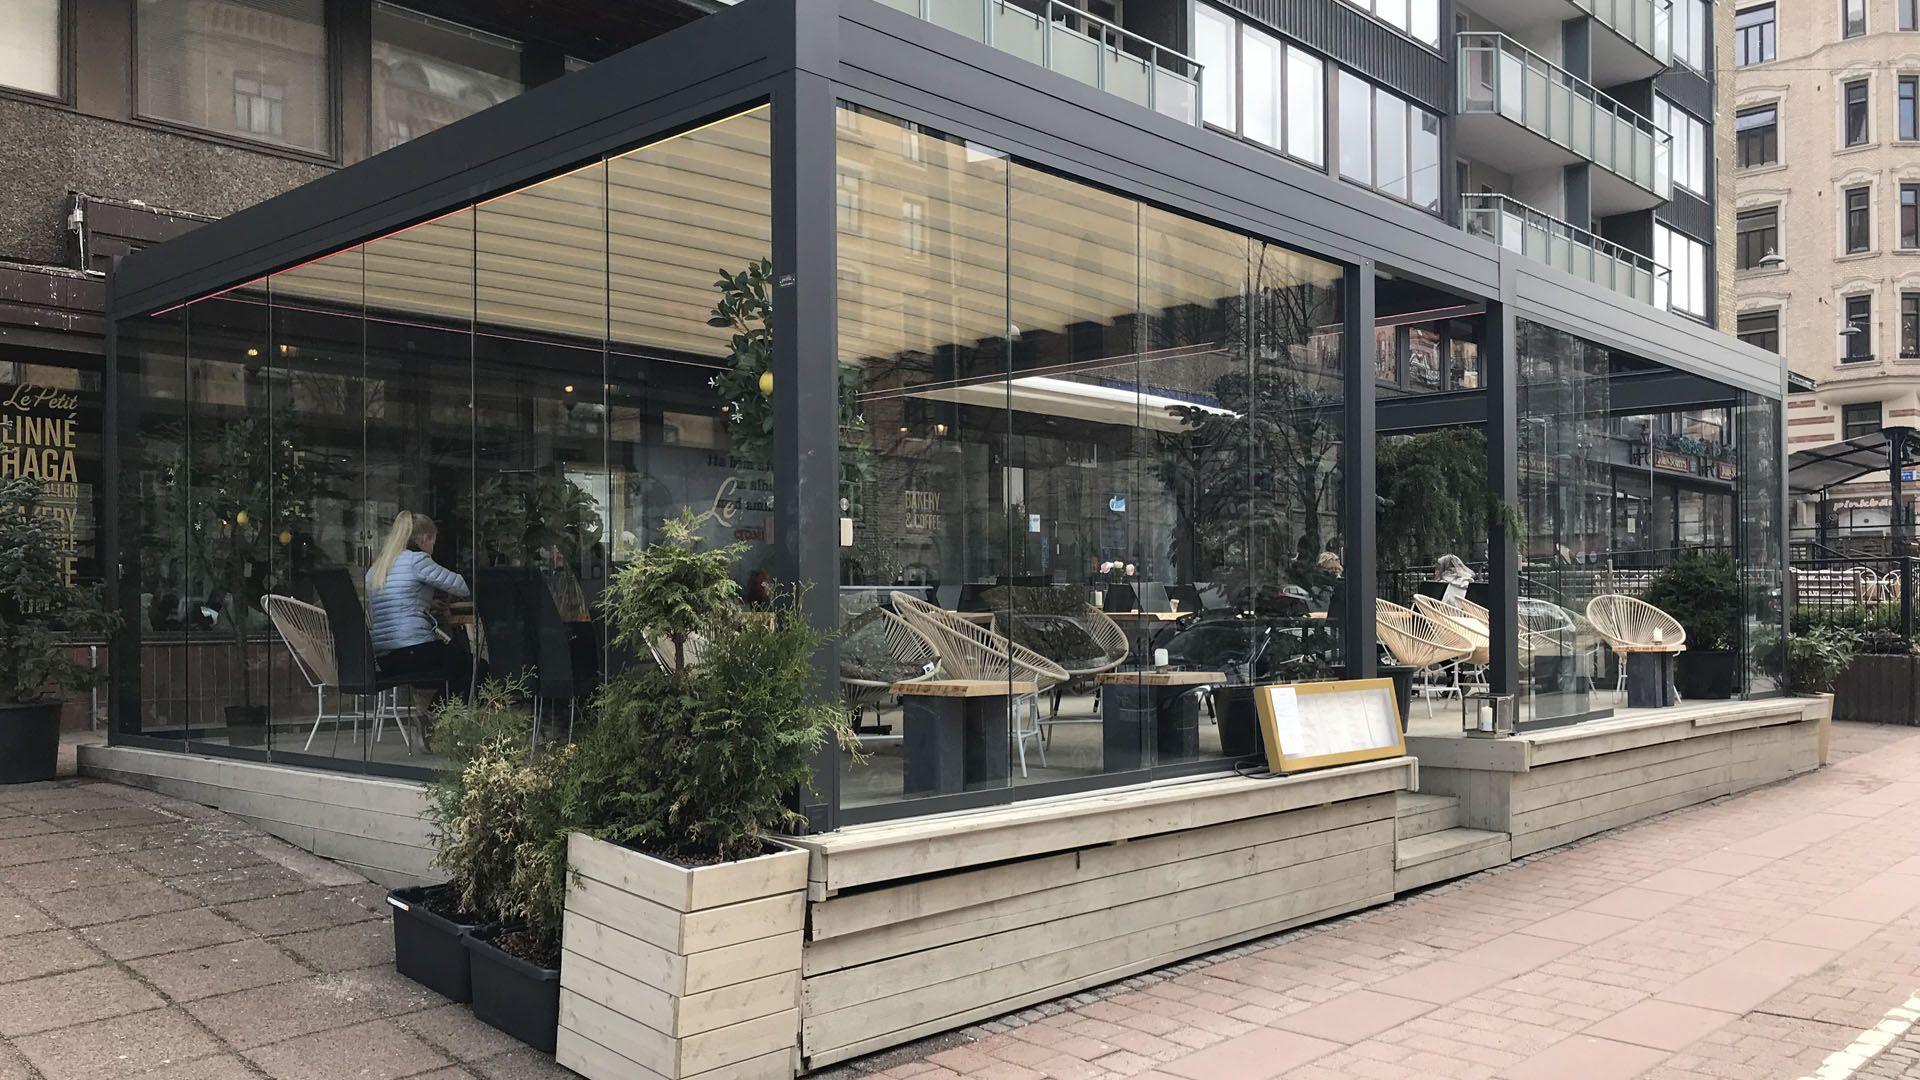 Göteborg linnégatan 23